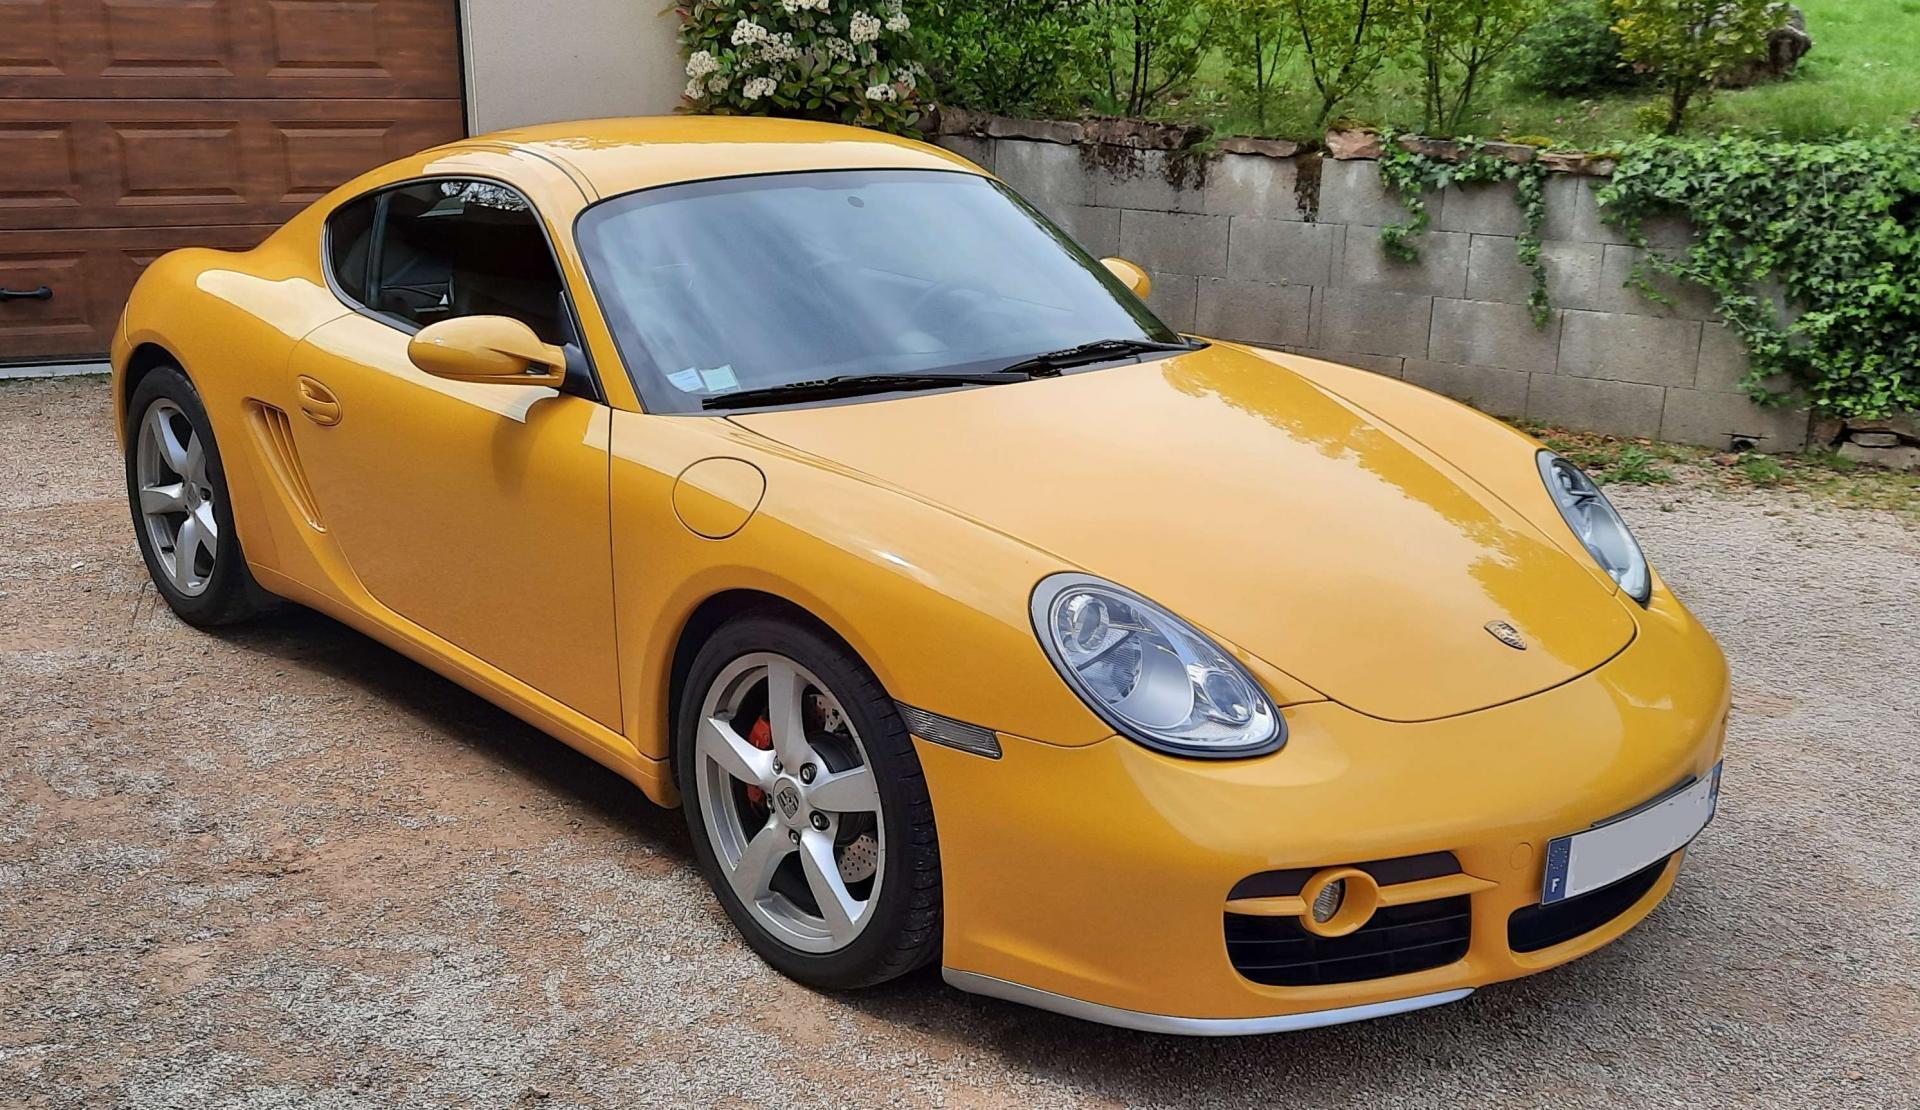 Porsche Cayman S (Cayman)